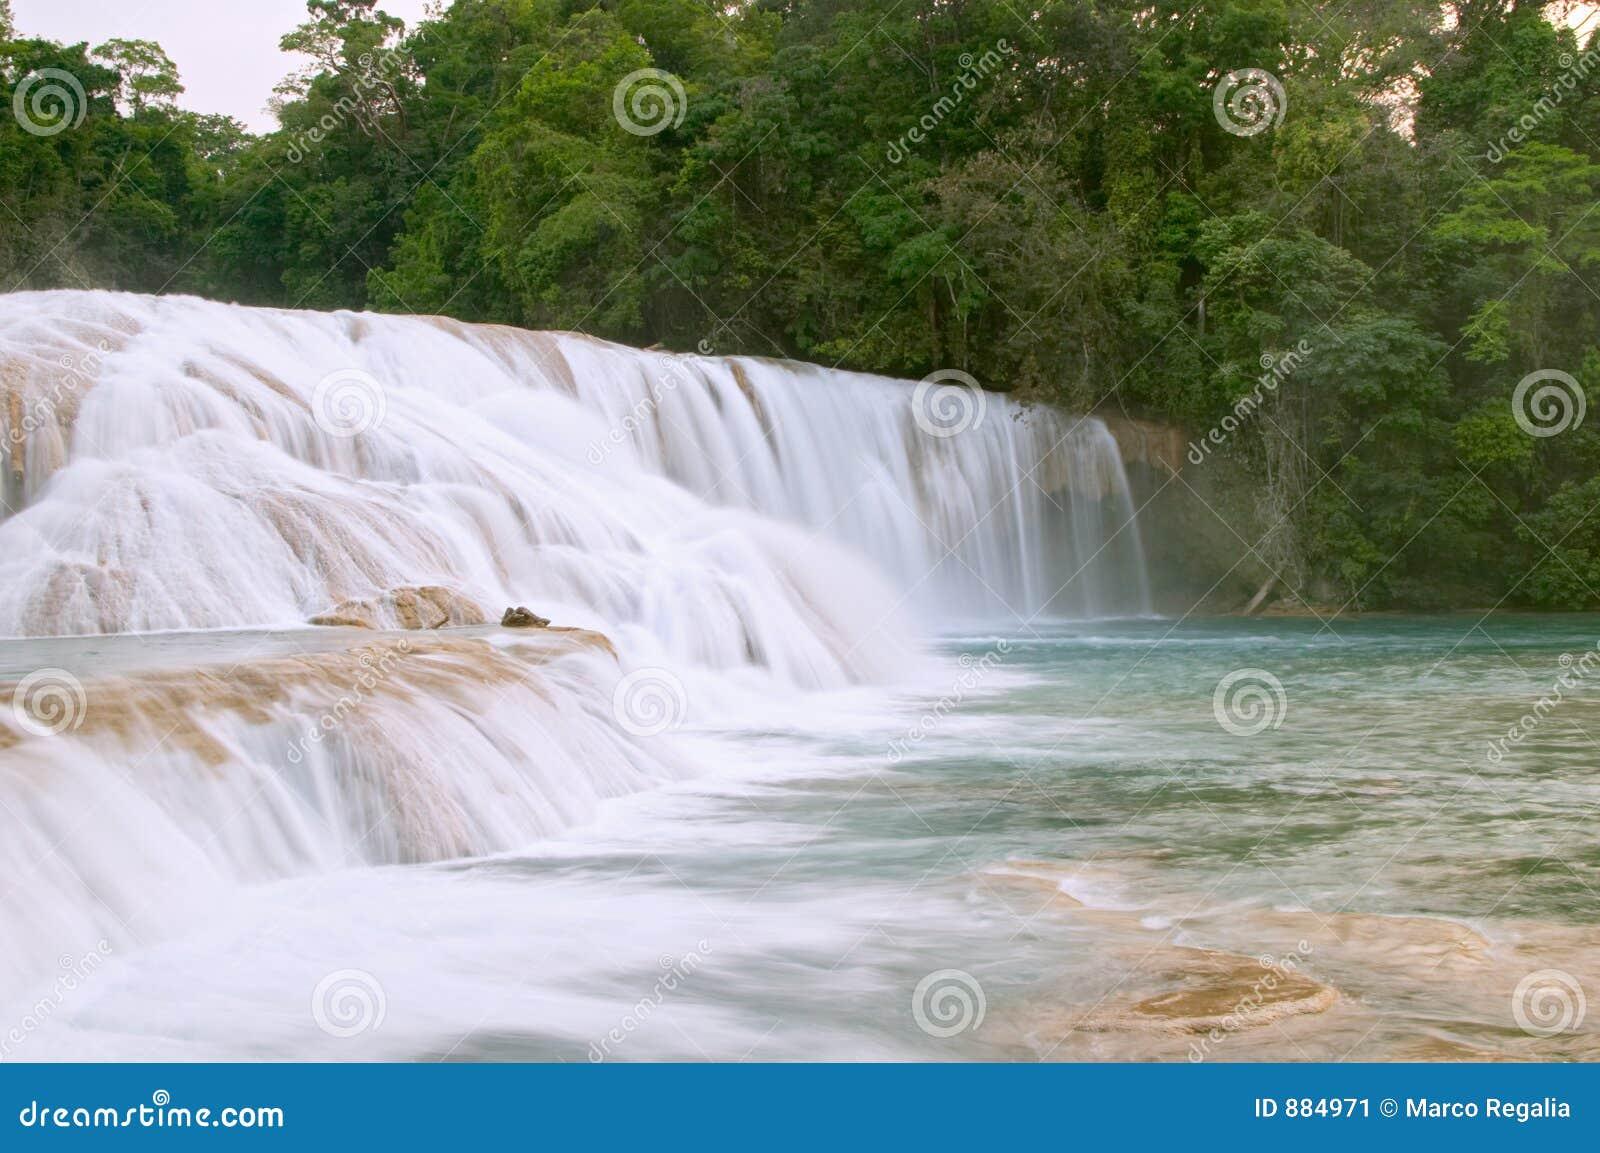 Cascada de cascadas de agua azul imagen de archivo for Motor para cascada de agua